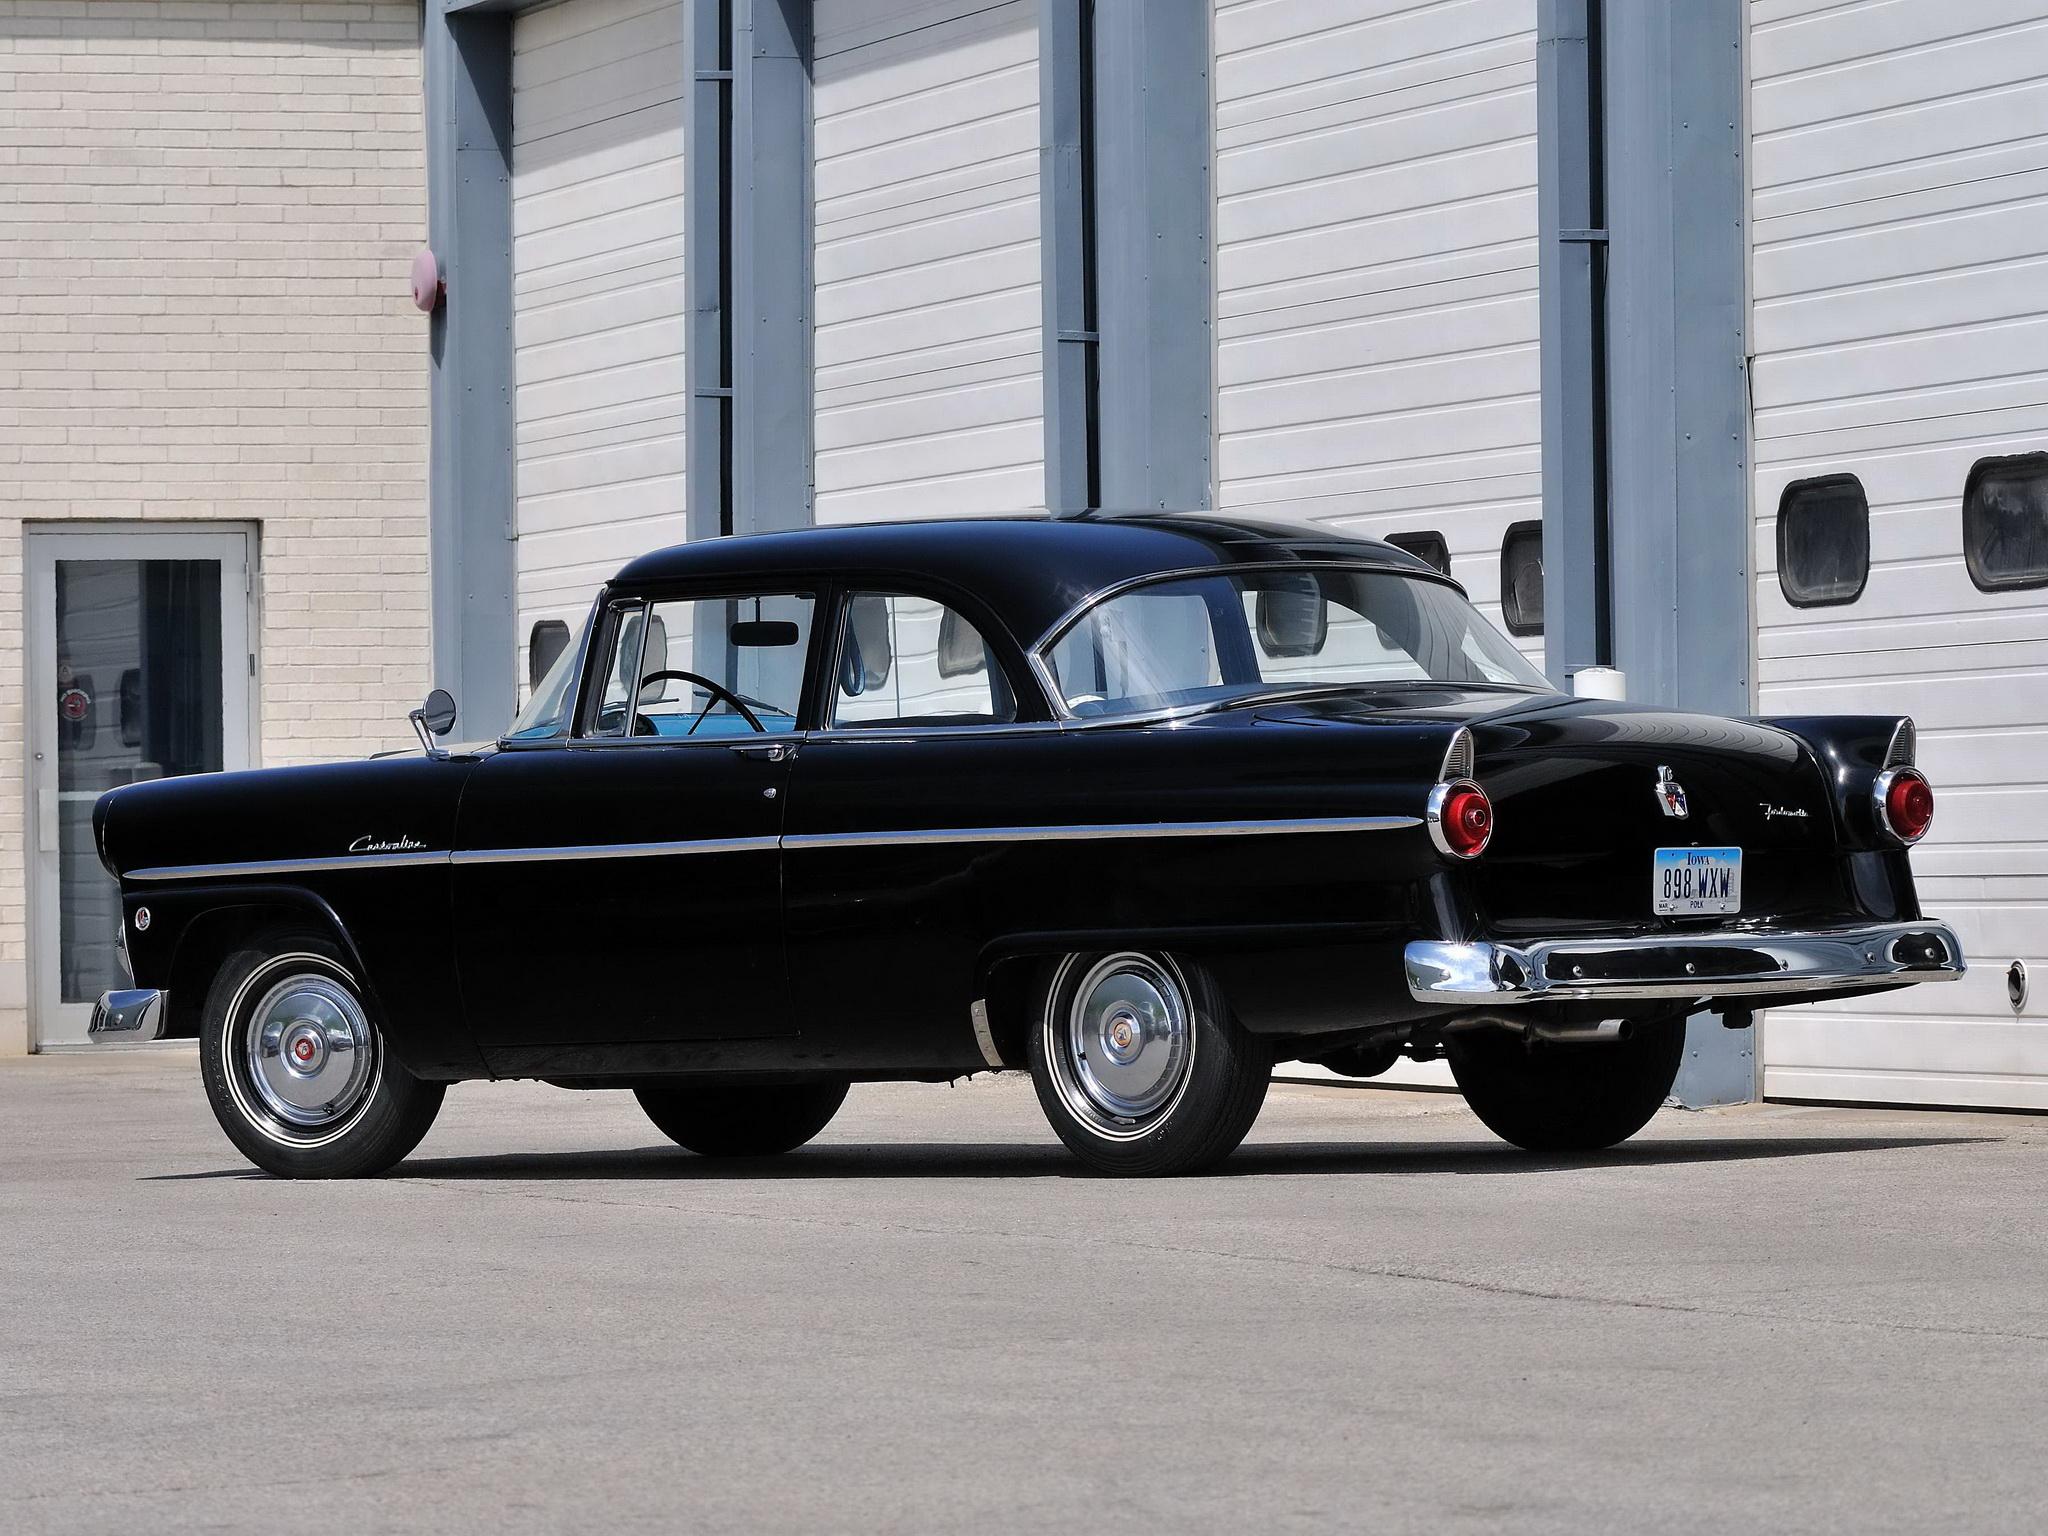 1955 ford customline 2 door sedan 70b retro d wallpaper for 1955 ford customline 4 door